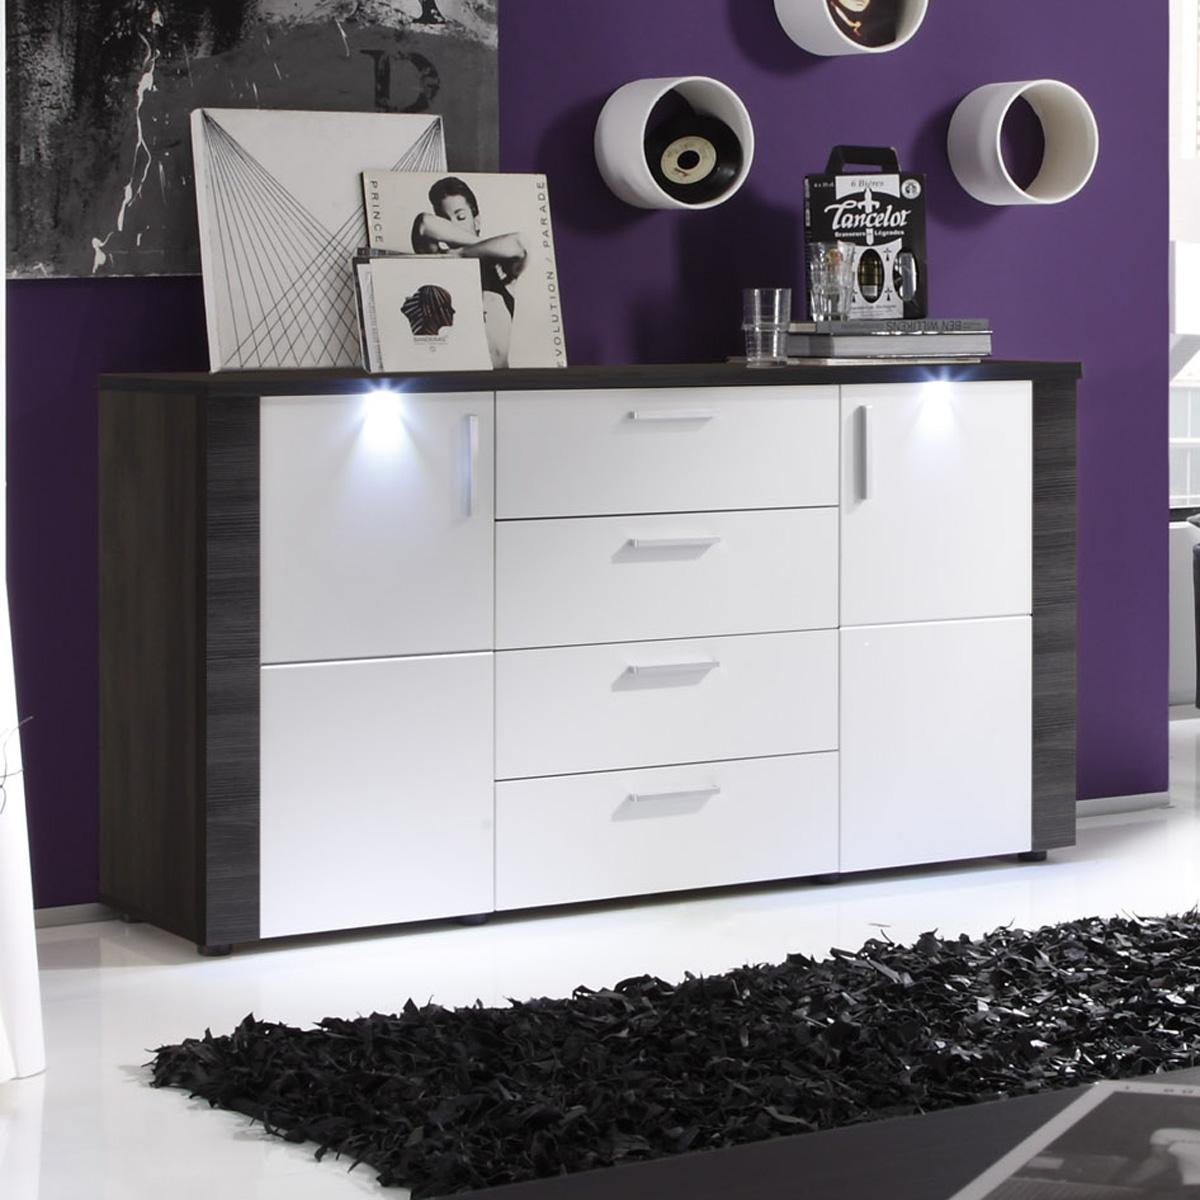 Sideboard xpress in esche grau weiß mit beleuchtung wohnzimmer ...